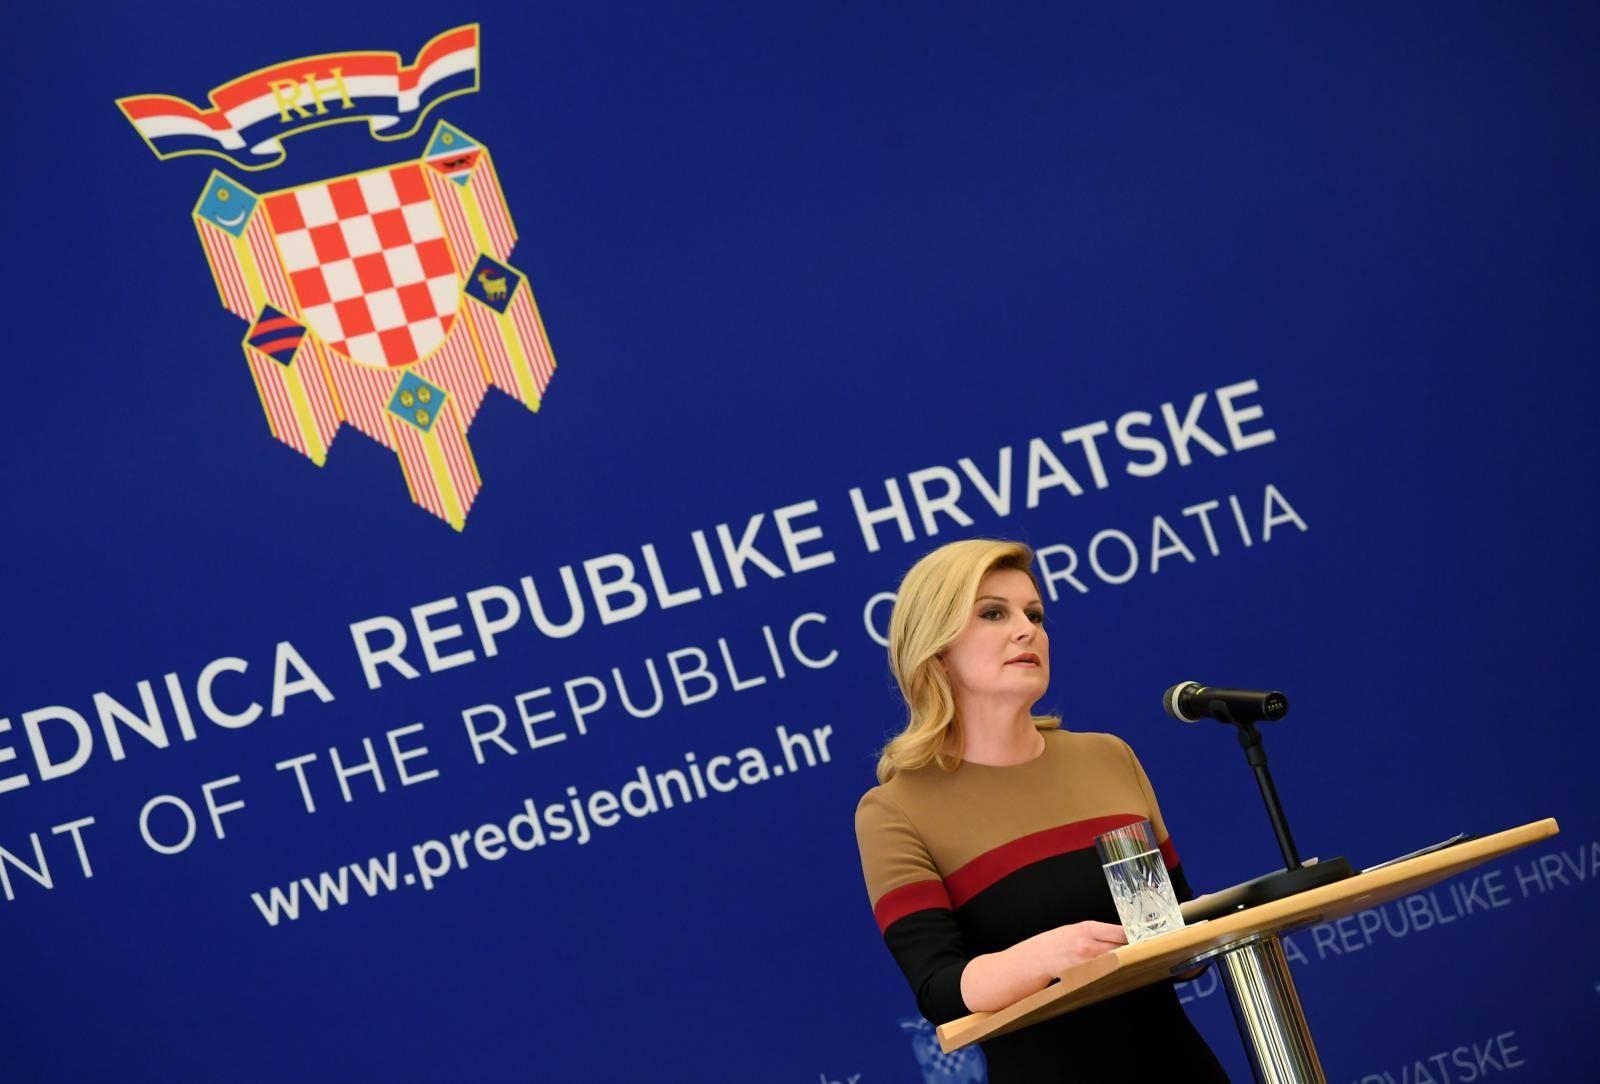 'O tezama slovenskih medija saznali smo upravo iz medija'